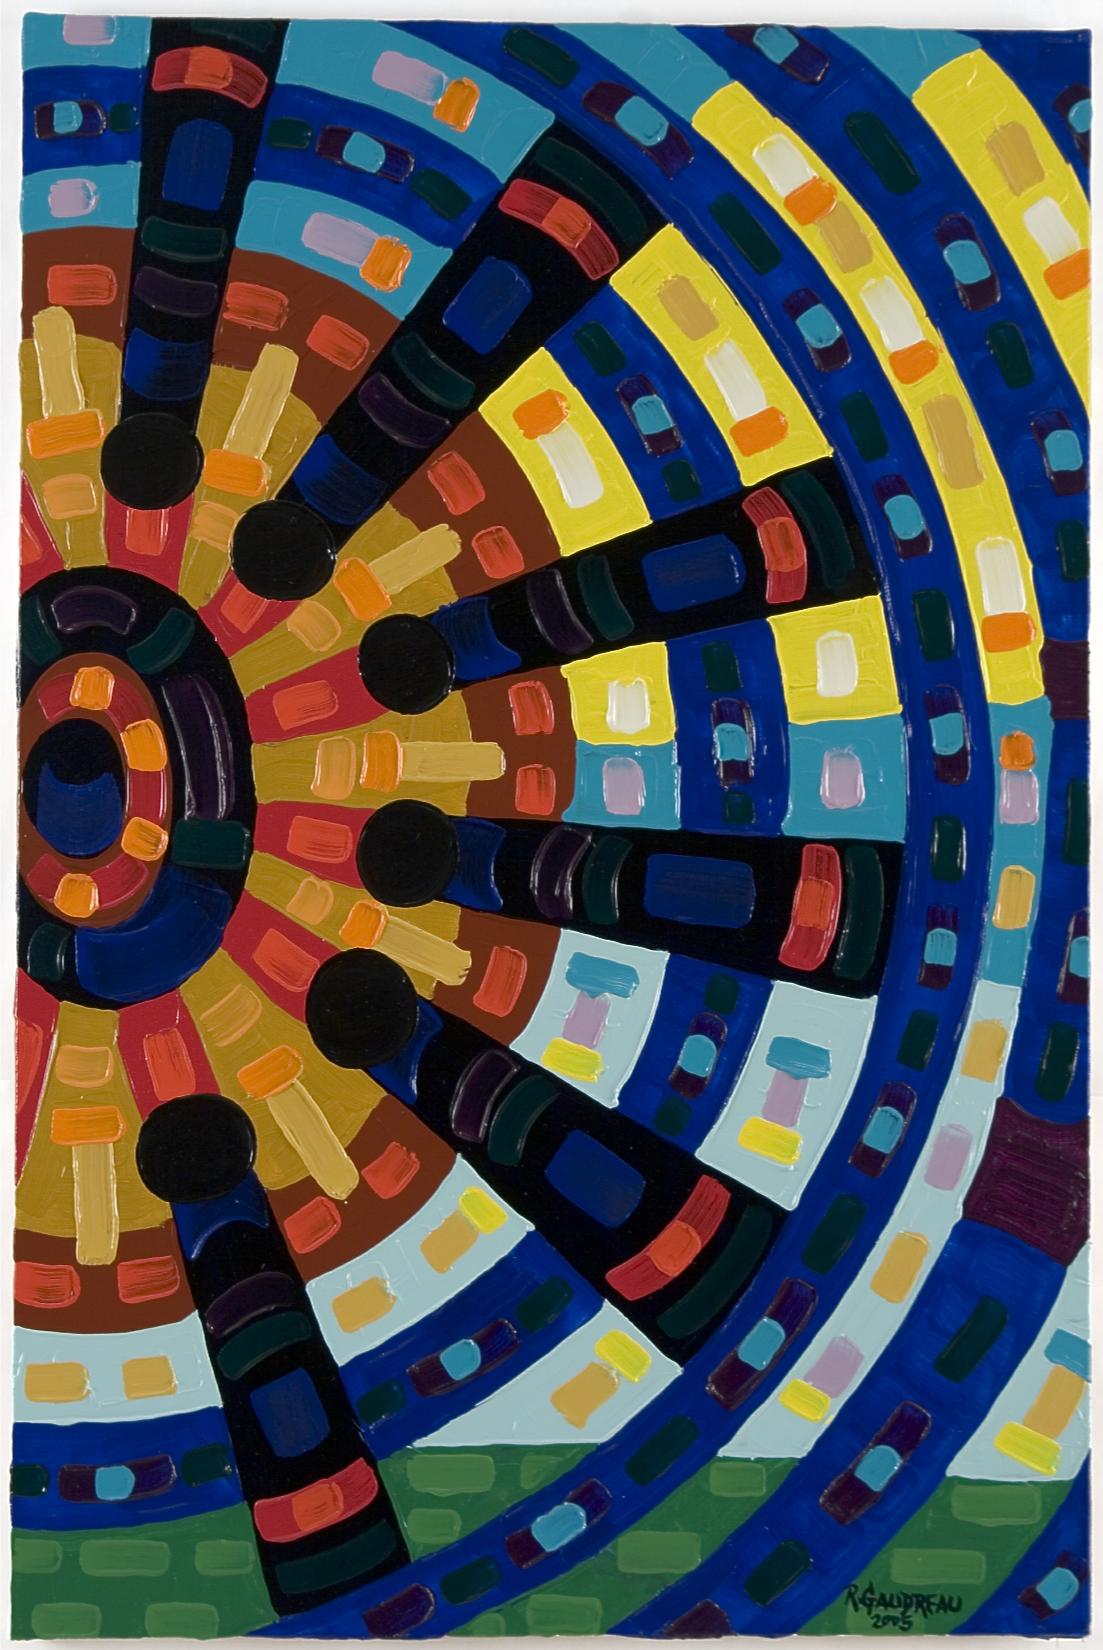 Fan  2005 oil on linen 36 x 24 inches